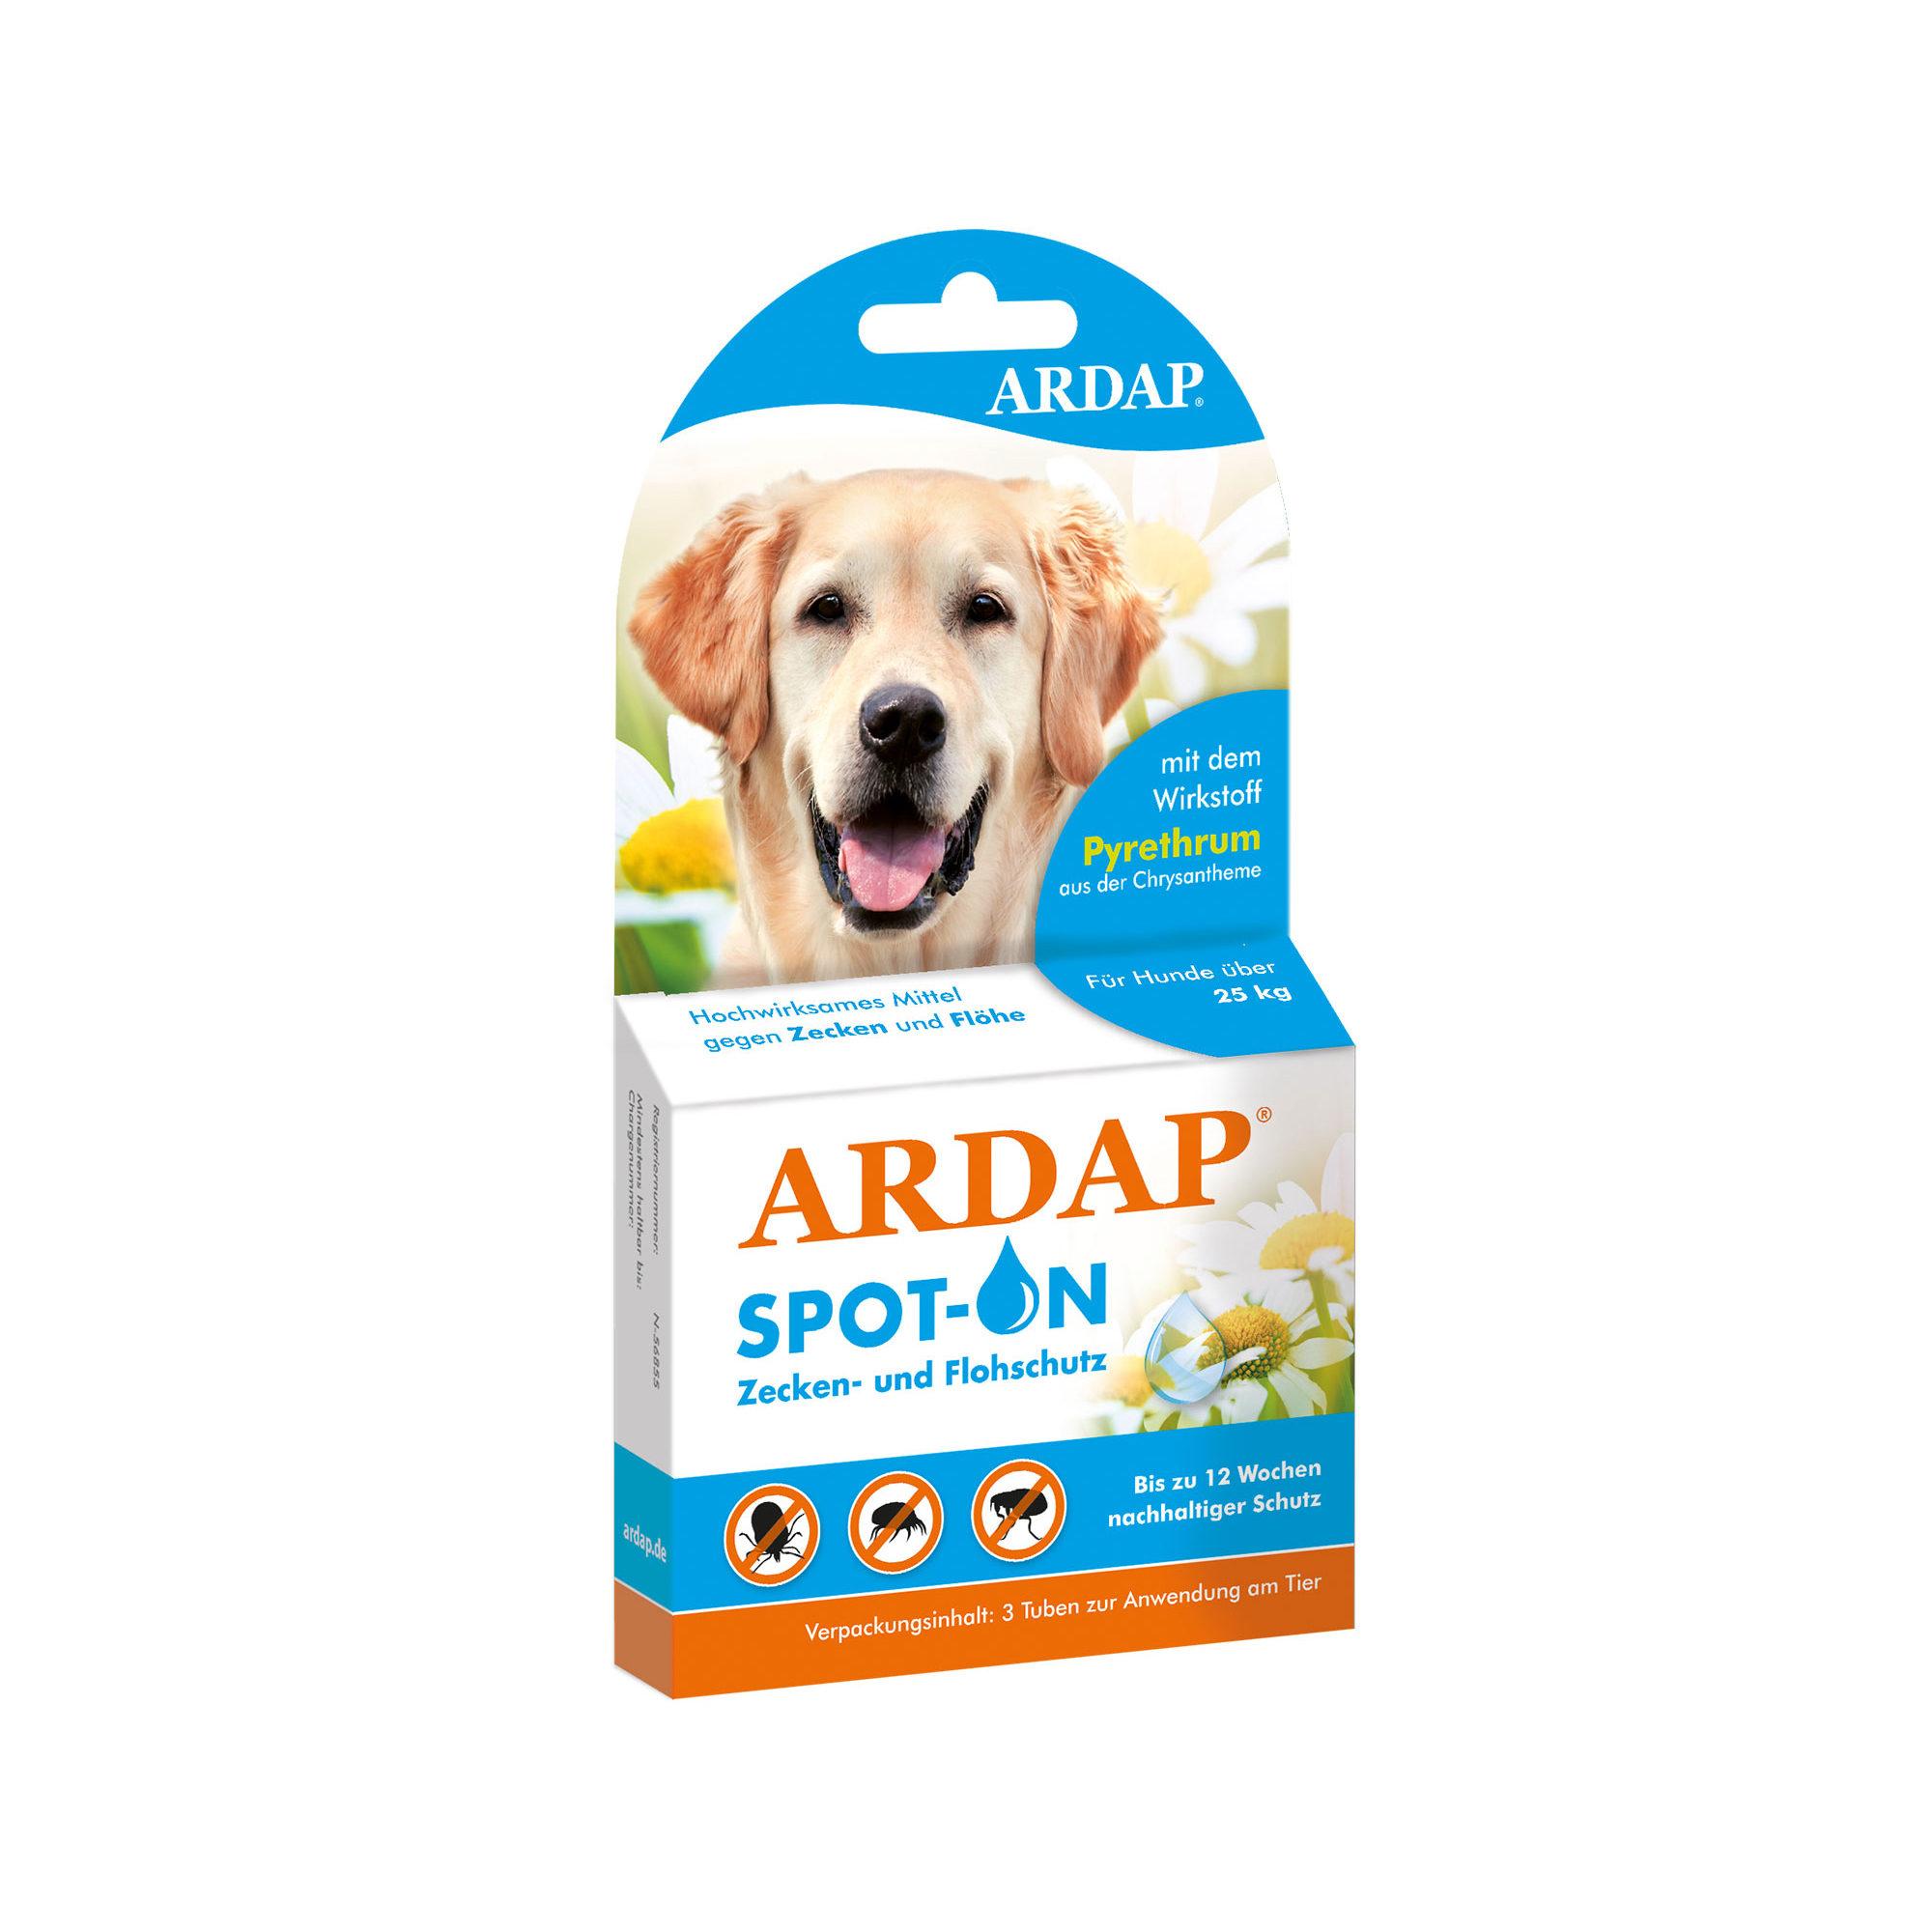 Ardap Spot-On für Hunde über 25 kg - 3 x 4 ml